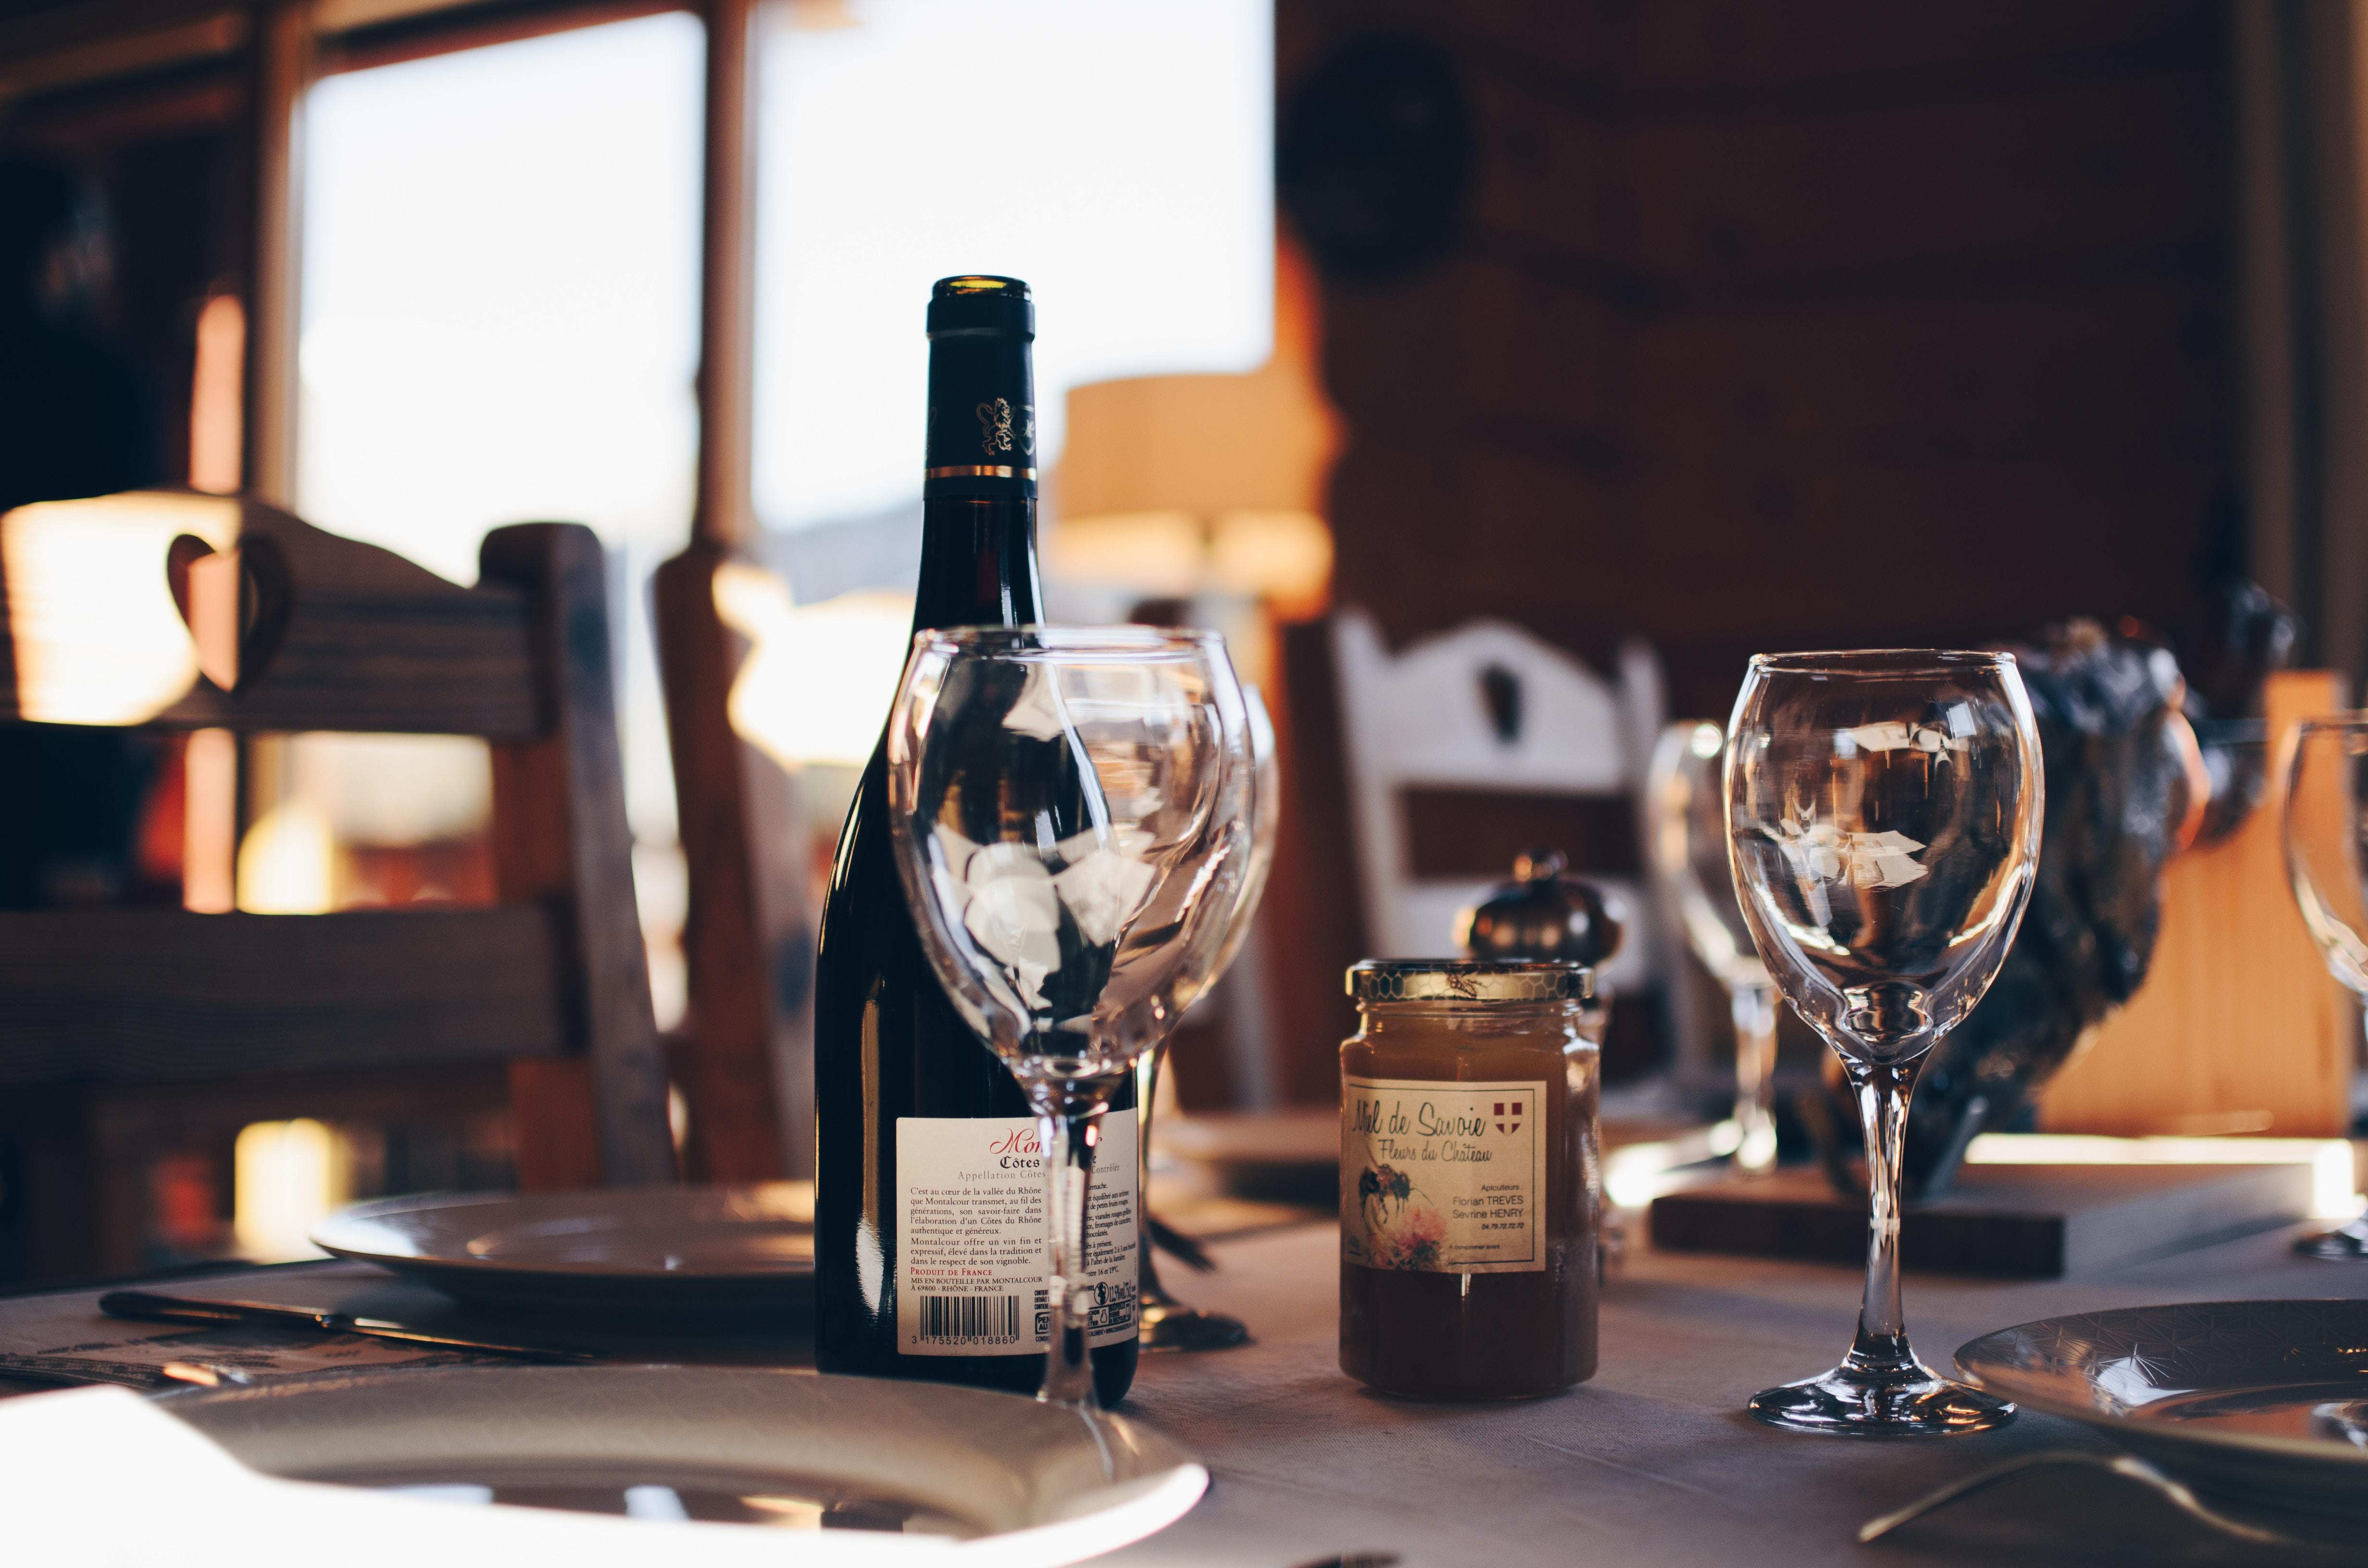 結婚式二次会の幹事代行:おもてなしに欠かせない美味しい料理とドリンク